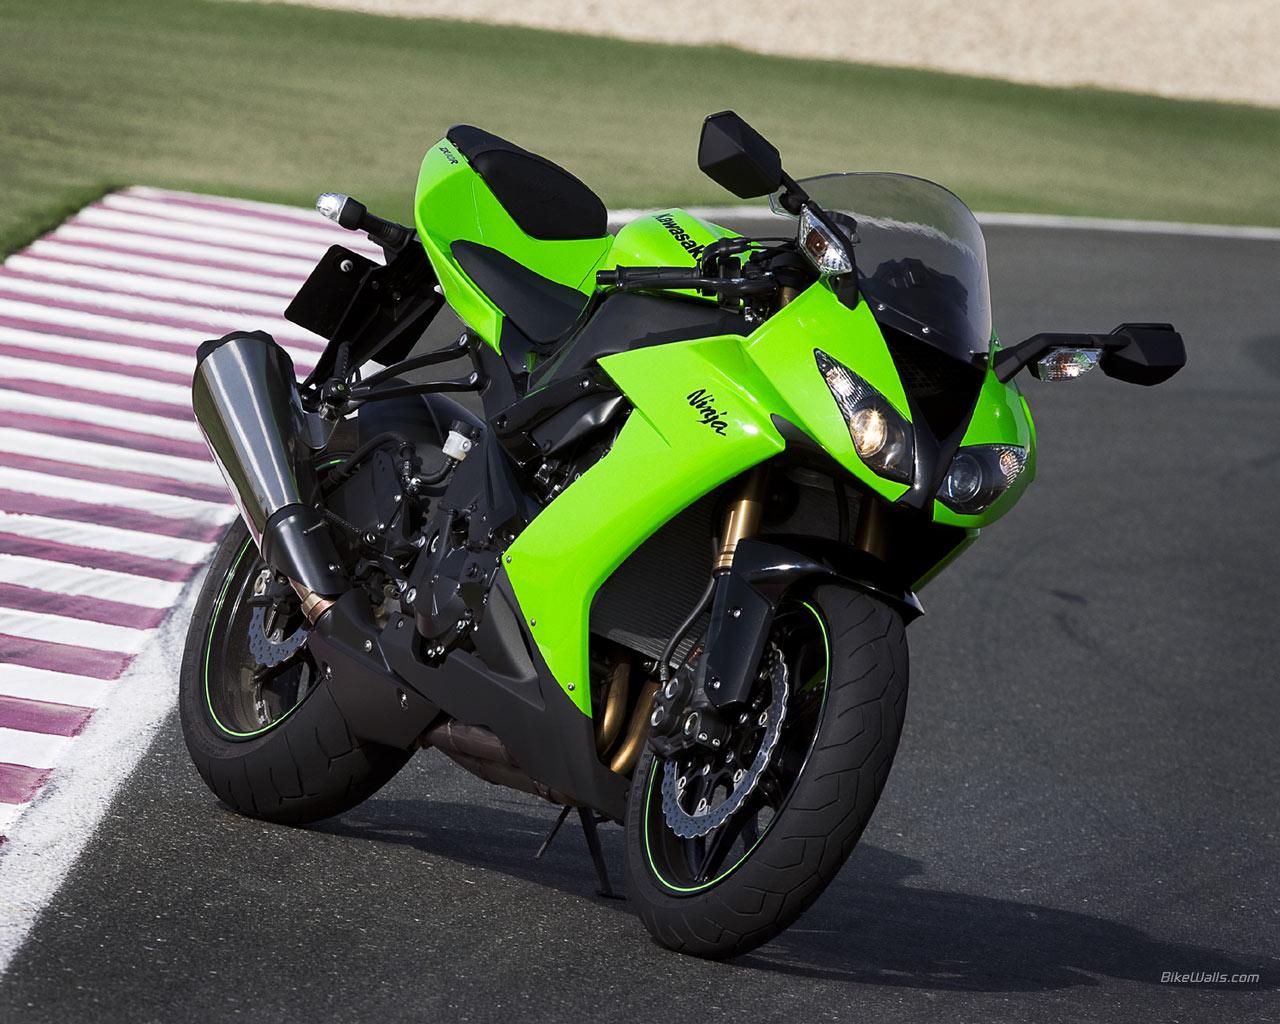 Kawasaki Ninja Bikes